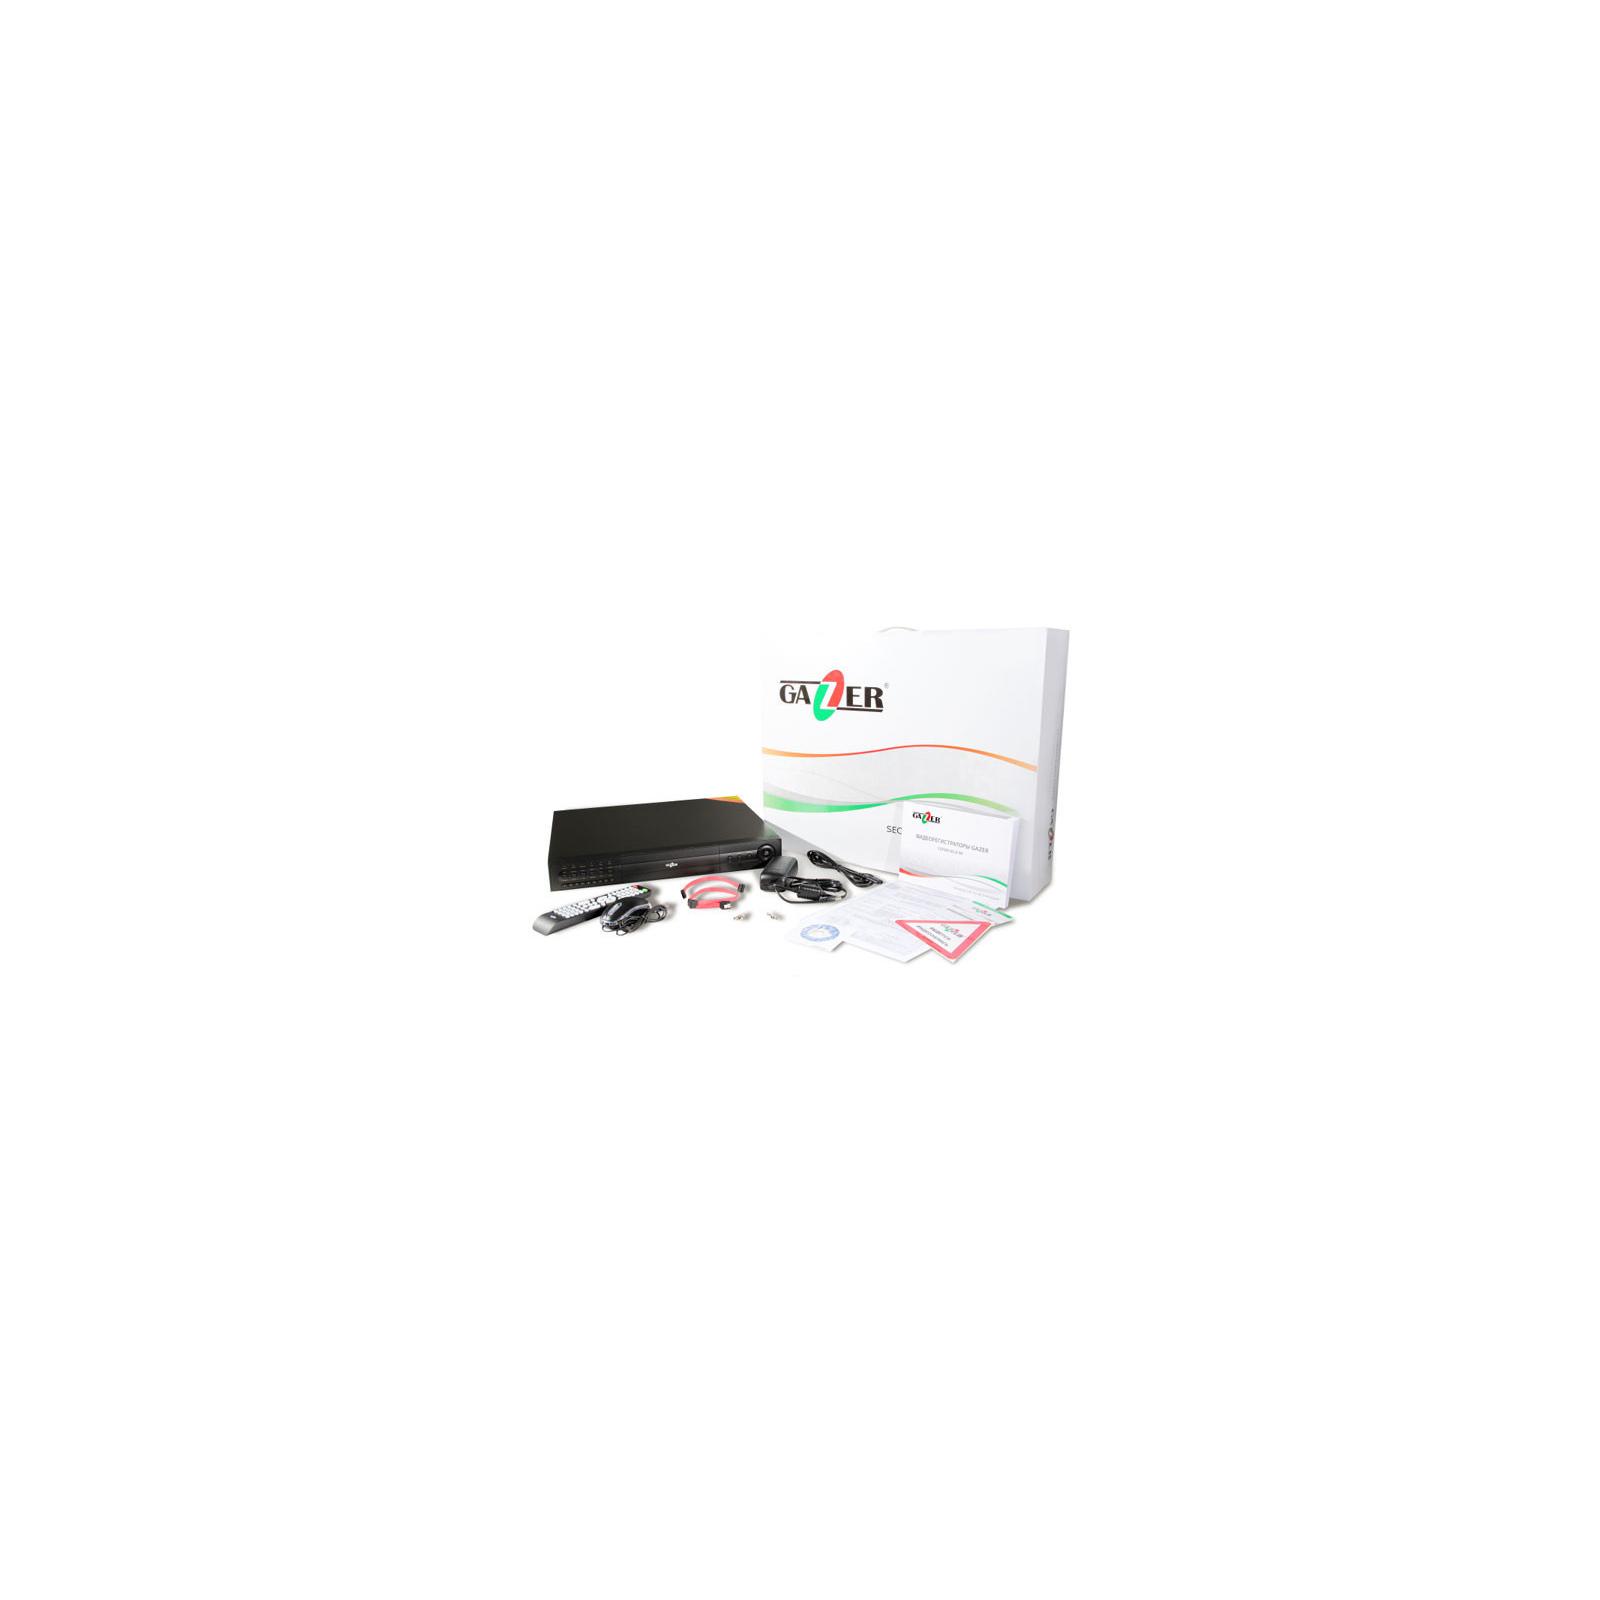 Регистратор для видеонаблюдения Gazer NF708r изображение 9